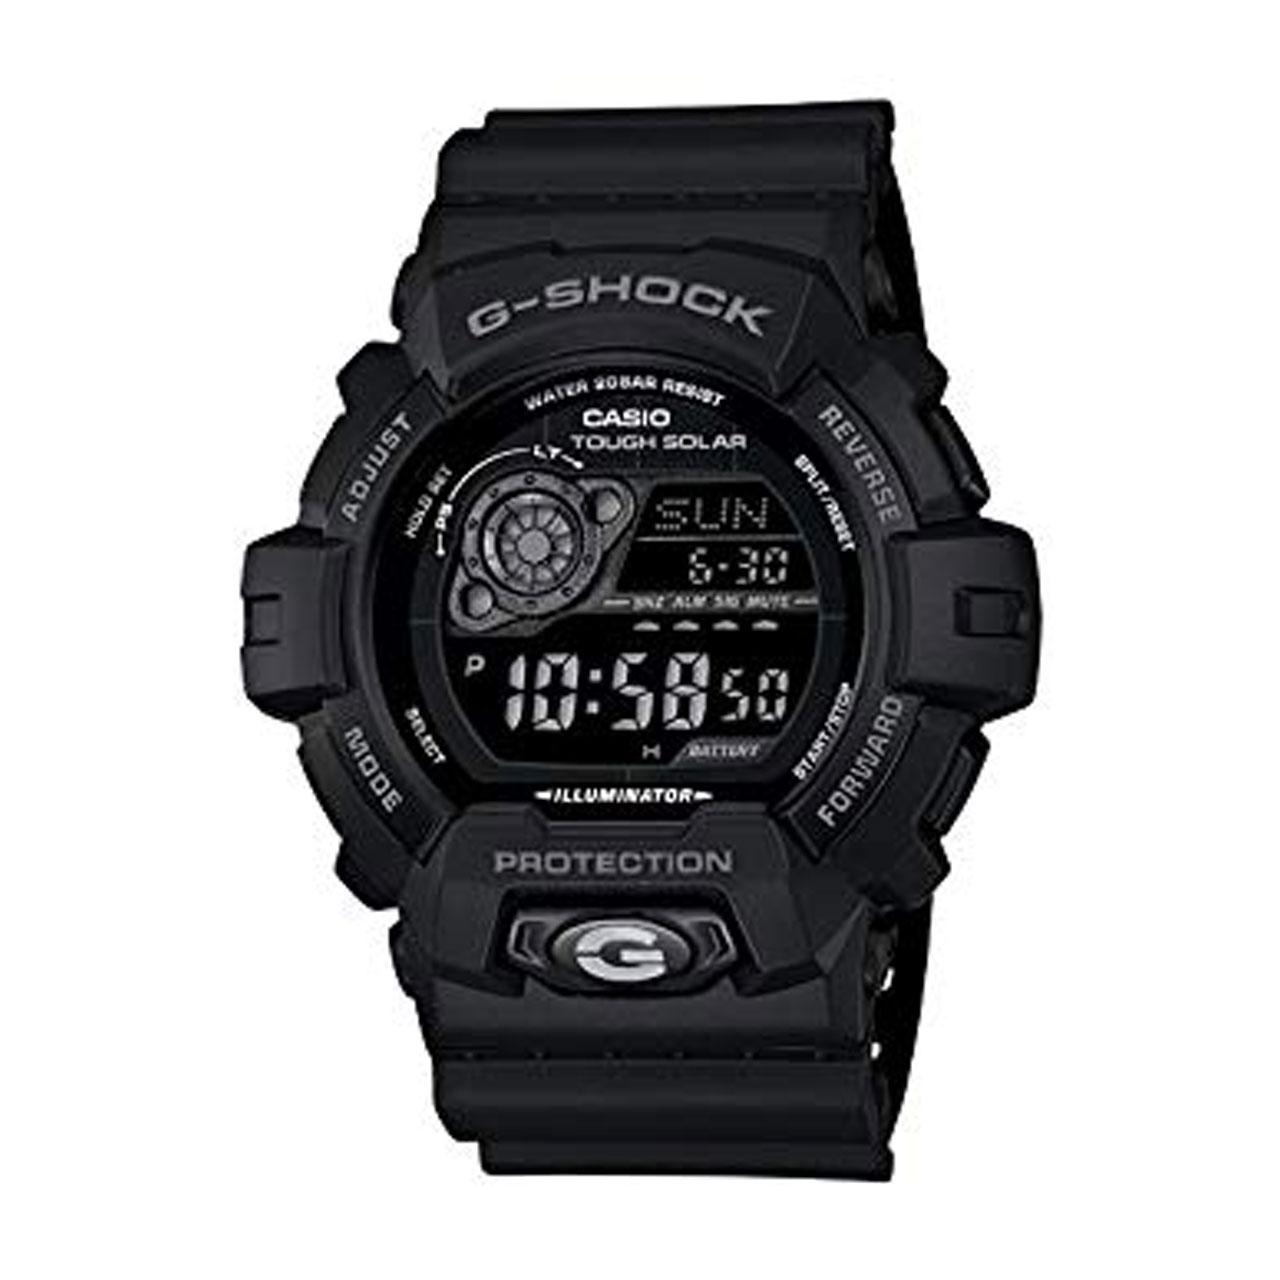 ساعت مچی دیجیتالی مردانه کاسیو جی شاک مدل GR-8900A-1DR